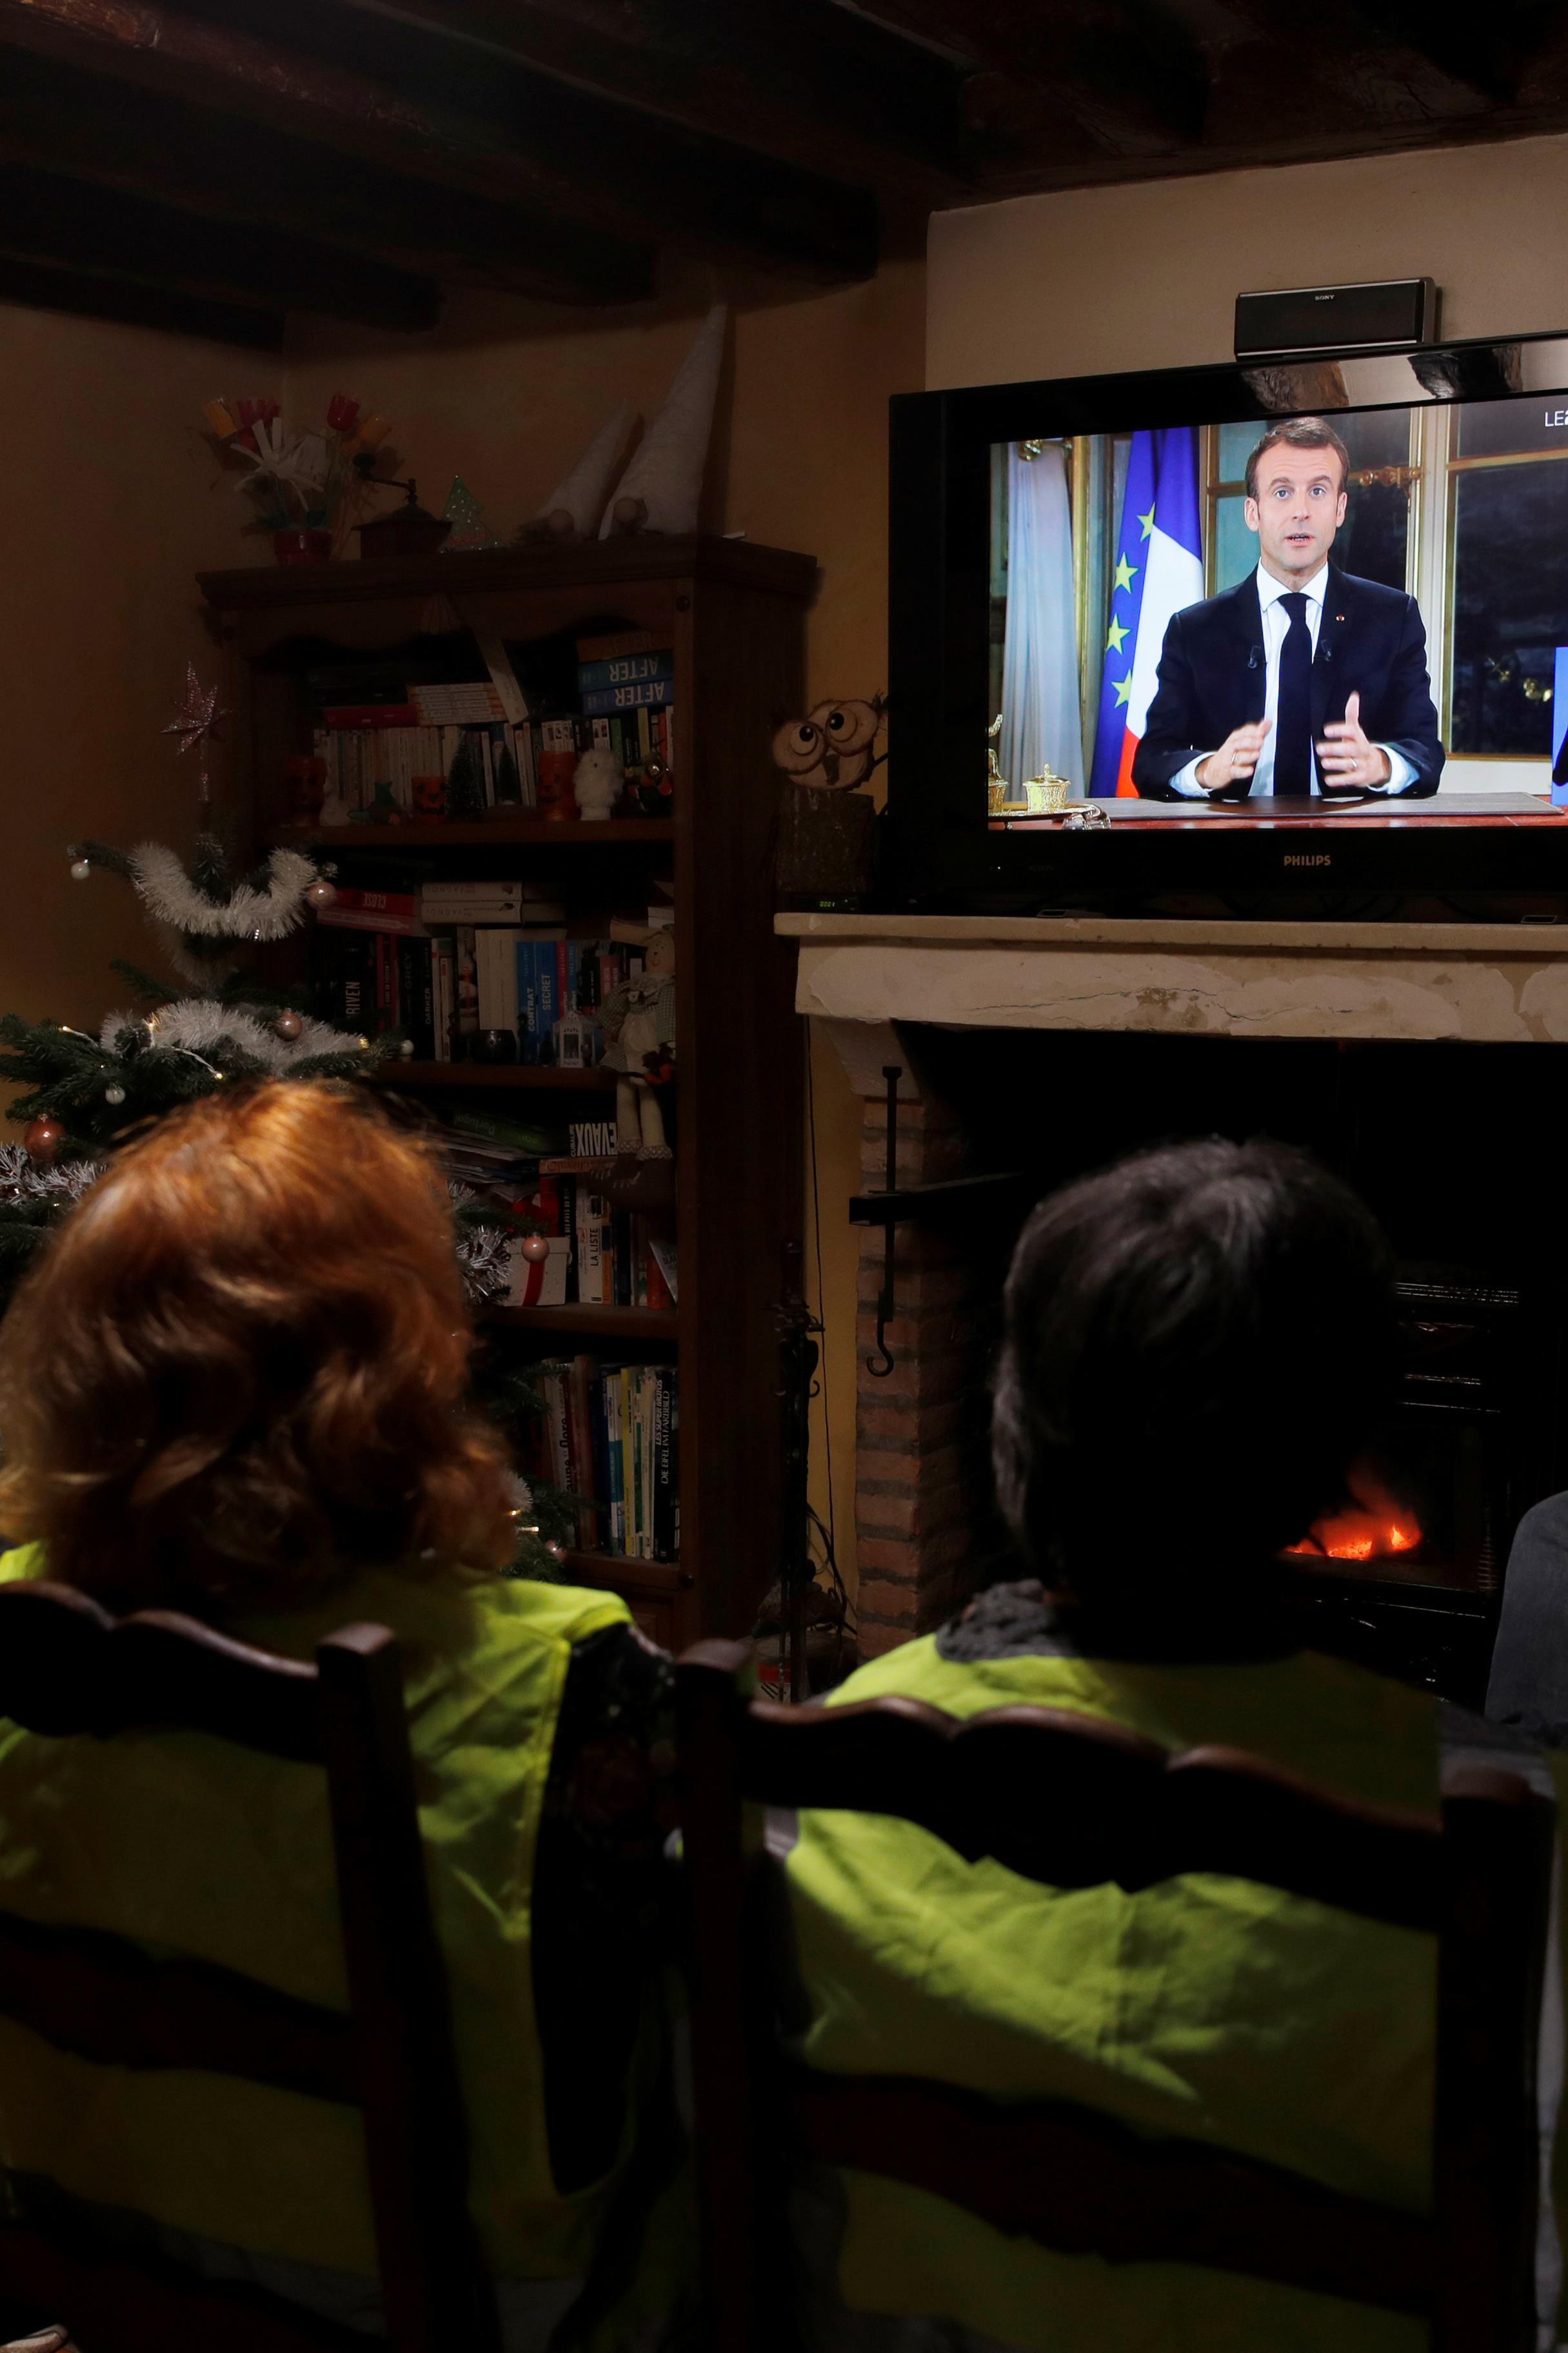 Des gilets jaunes regardent le discours du président Emmanuel Macron, à Gaillon, en France, le 10 décembre 2018.